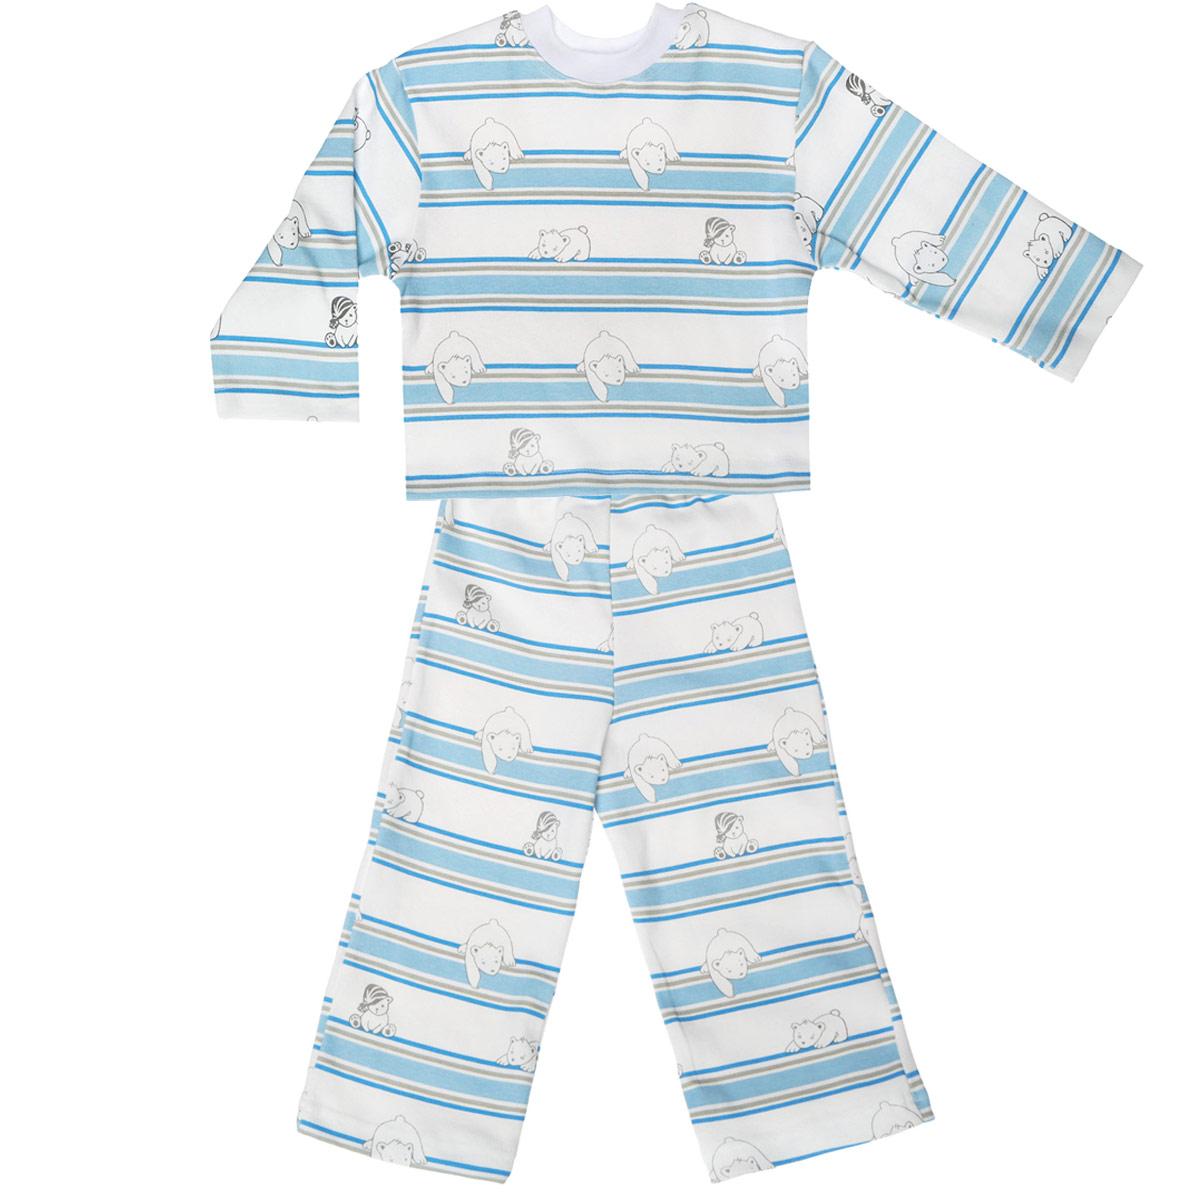 Пижама5584_мишка, полоскаУютная детская пижама Трон-плюс, состоящая из джемпера и брюк, идеально подойдет вашему ребенку и станет отличным дополнением к детскому гардеробу. Изготовленная из натурального хлопка, она необычайно мягкая и легкая, не сковывает движения, позволяет коже дышать и не раздражает даже самую нежную и чувствительную кожу ребенка. Джемпер с длинными рукавами и круглым вырезом горловины оформлен ненавязчивым принтом в полоску, а также изображением медвежат. Вырез горловины дополнен трикотажной эластичной резинкой. Брюки на талии имеют эластичную резинку, благодаря чему не сдавливают живот ребенка и не сползают. Оформлены брючки также ненавязчивым принтом в полоску и изображением медвежат. В такой пижаме ваш ребенок будет чувствовать себя комфортно и уютно во время сна.